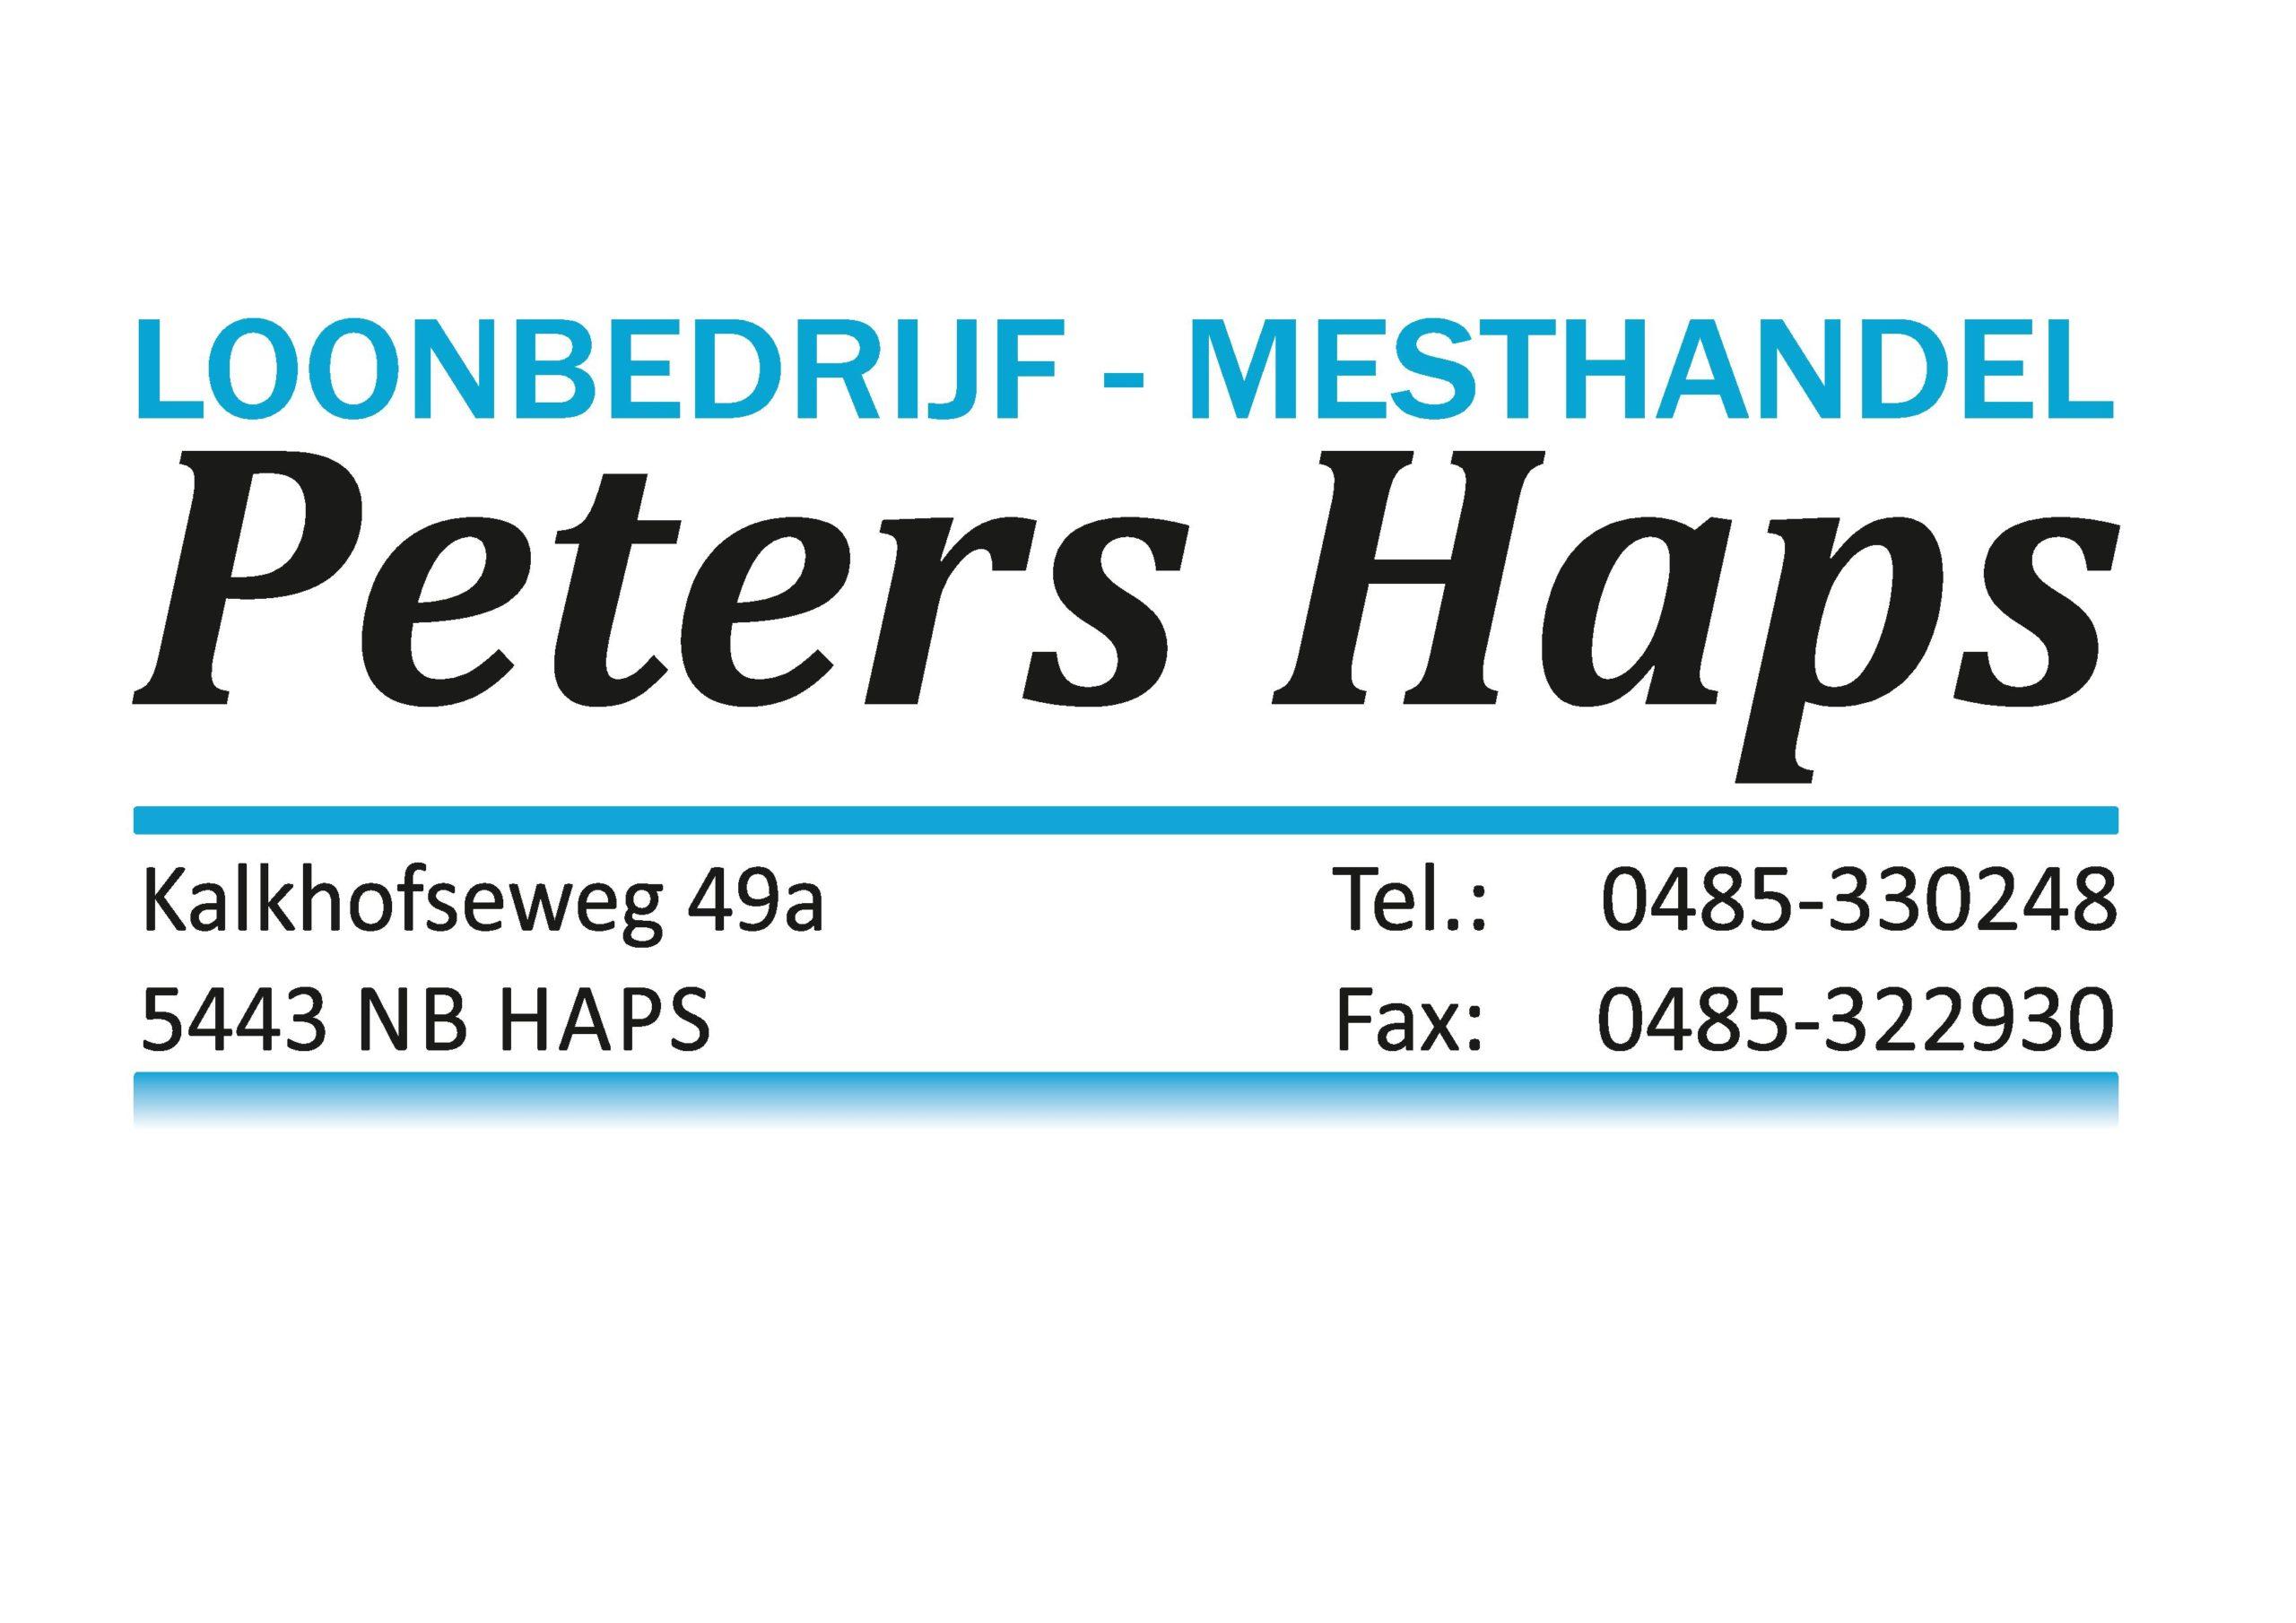 Loonbedrijf en mesthandel Peters Haps